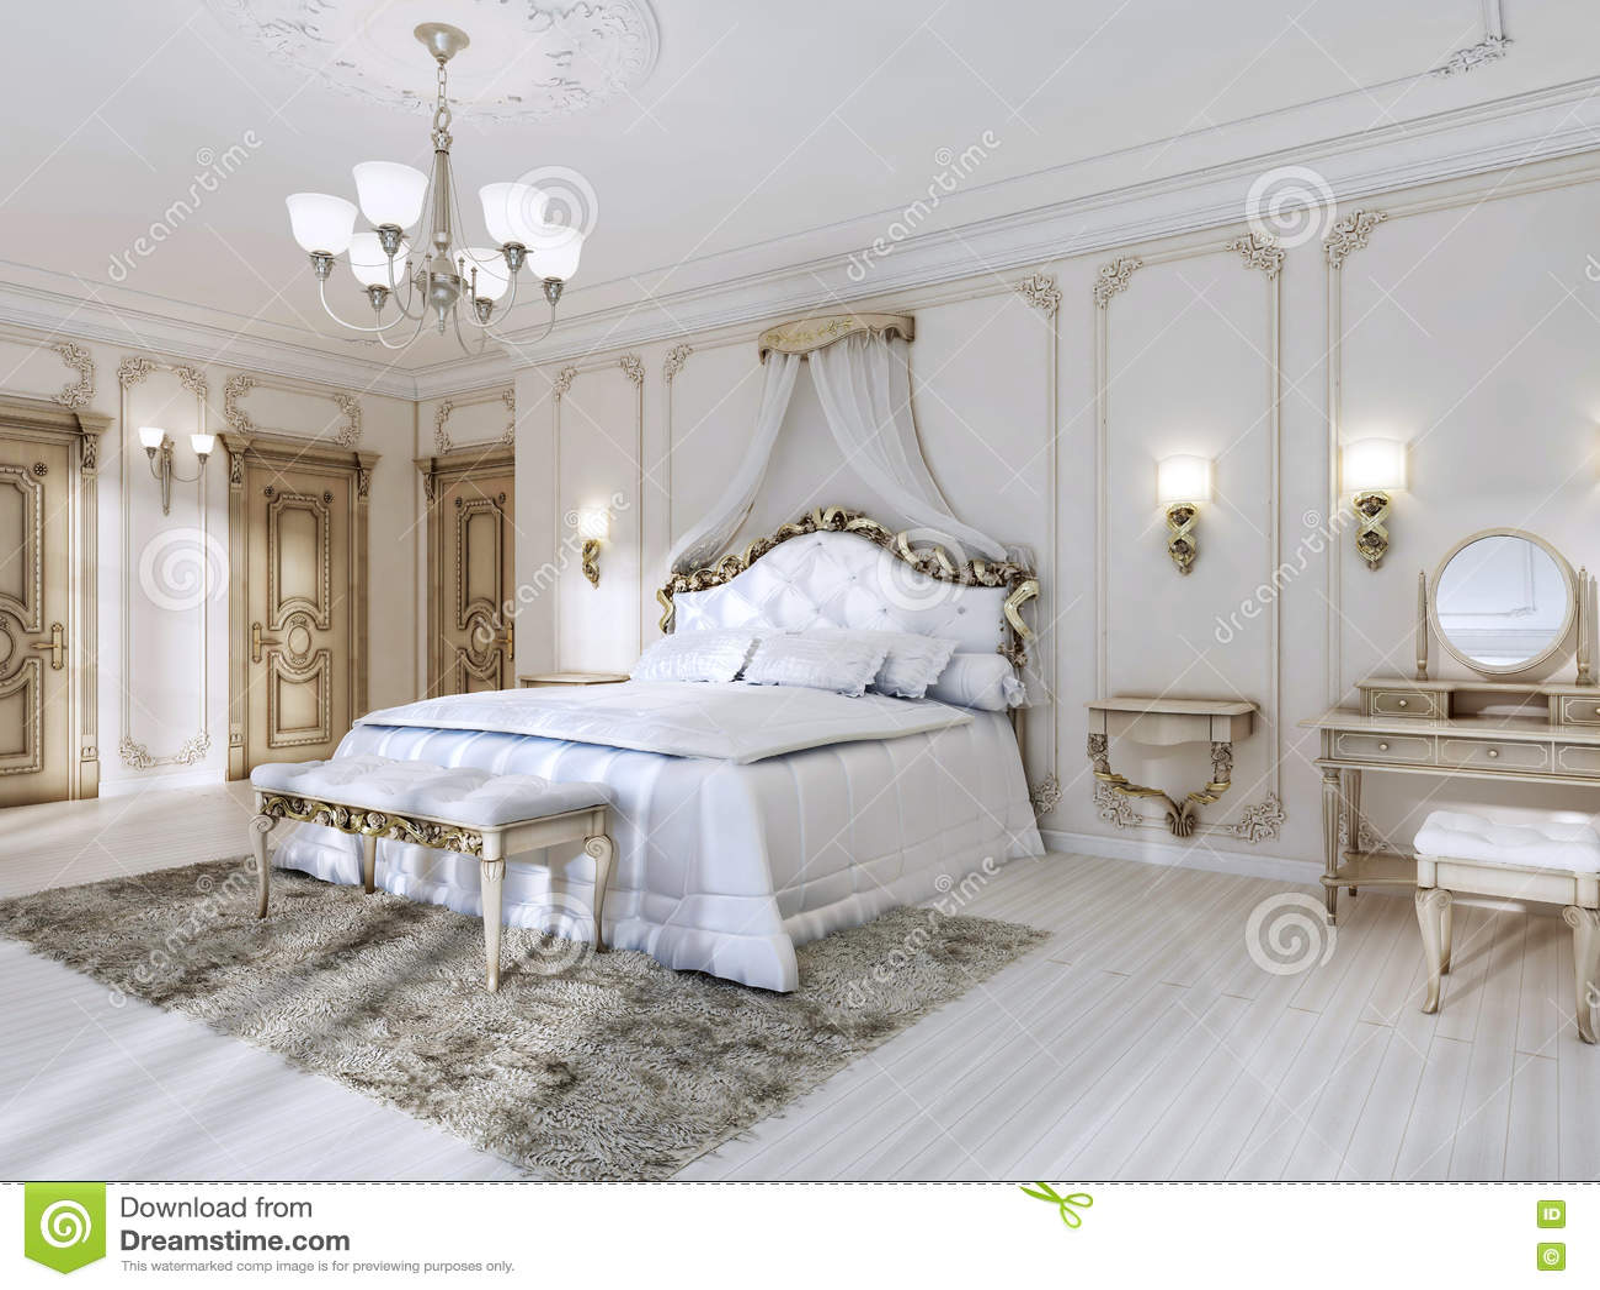 GroBartig Download Luxuriöses Schlafzimmer In Den Weißen Farben In Einer Klassischen  Art Stock Abbildung   Illustration Von